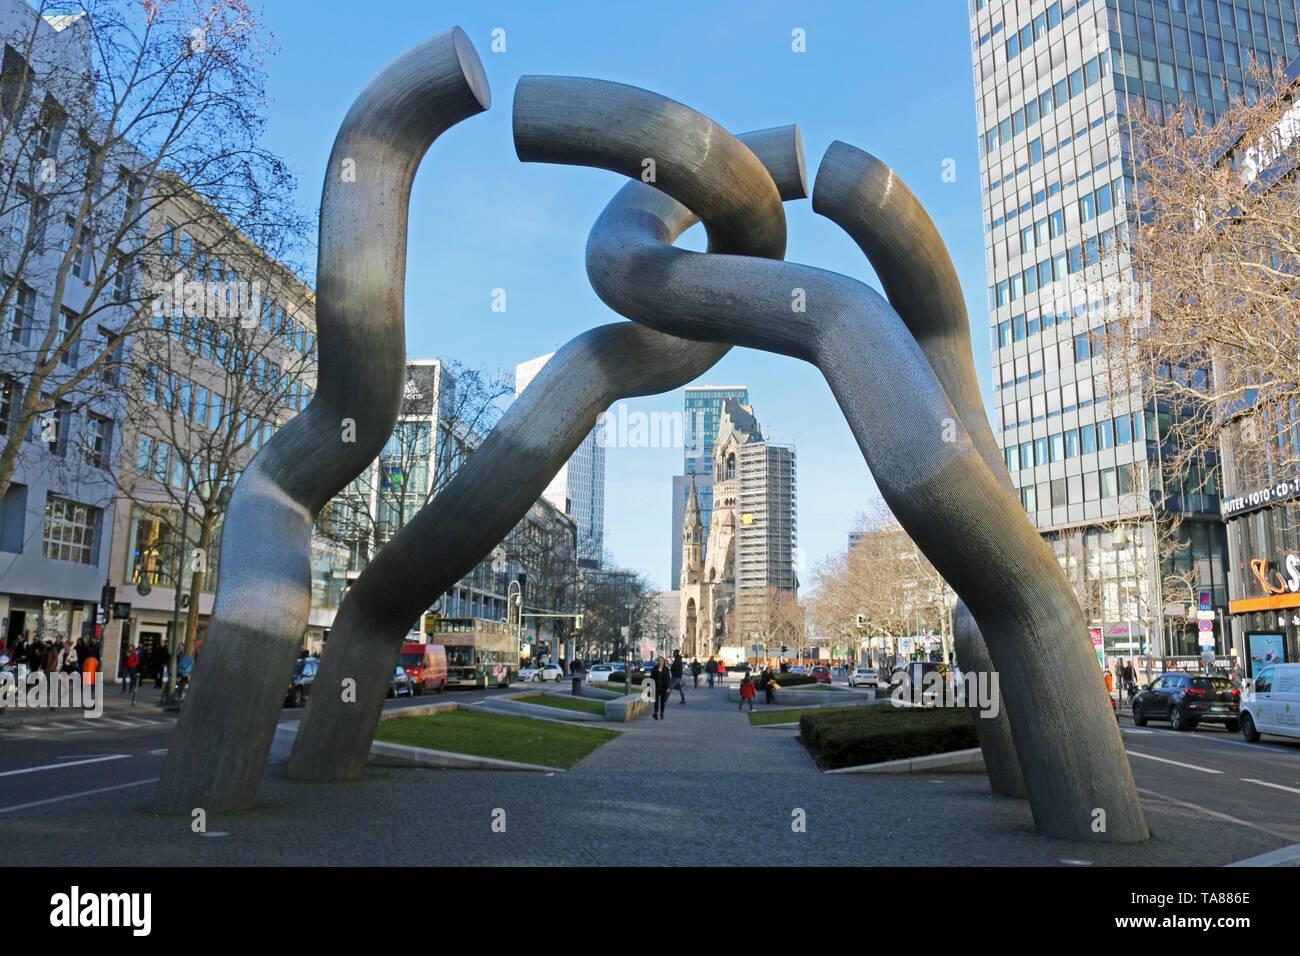 Gebrochene Kette. Berlin ist heute eine sehr coole und inspirierende Stadt. Seine Mischung aus Geschichte, Kunst, Ausdruck, Kreativität und Modernität machen es einzigartig. Stockbild